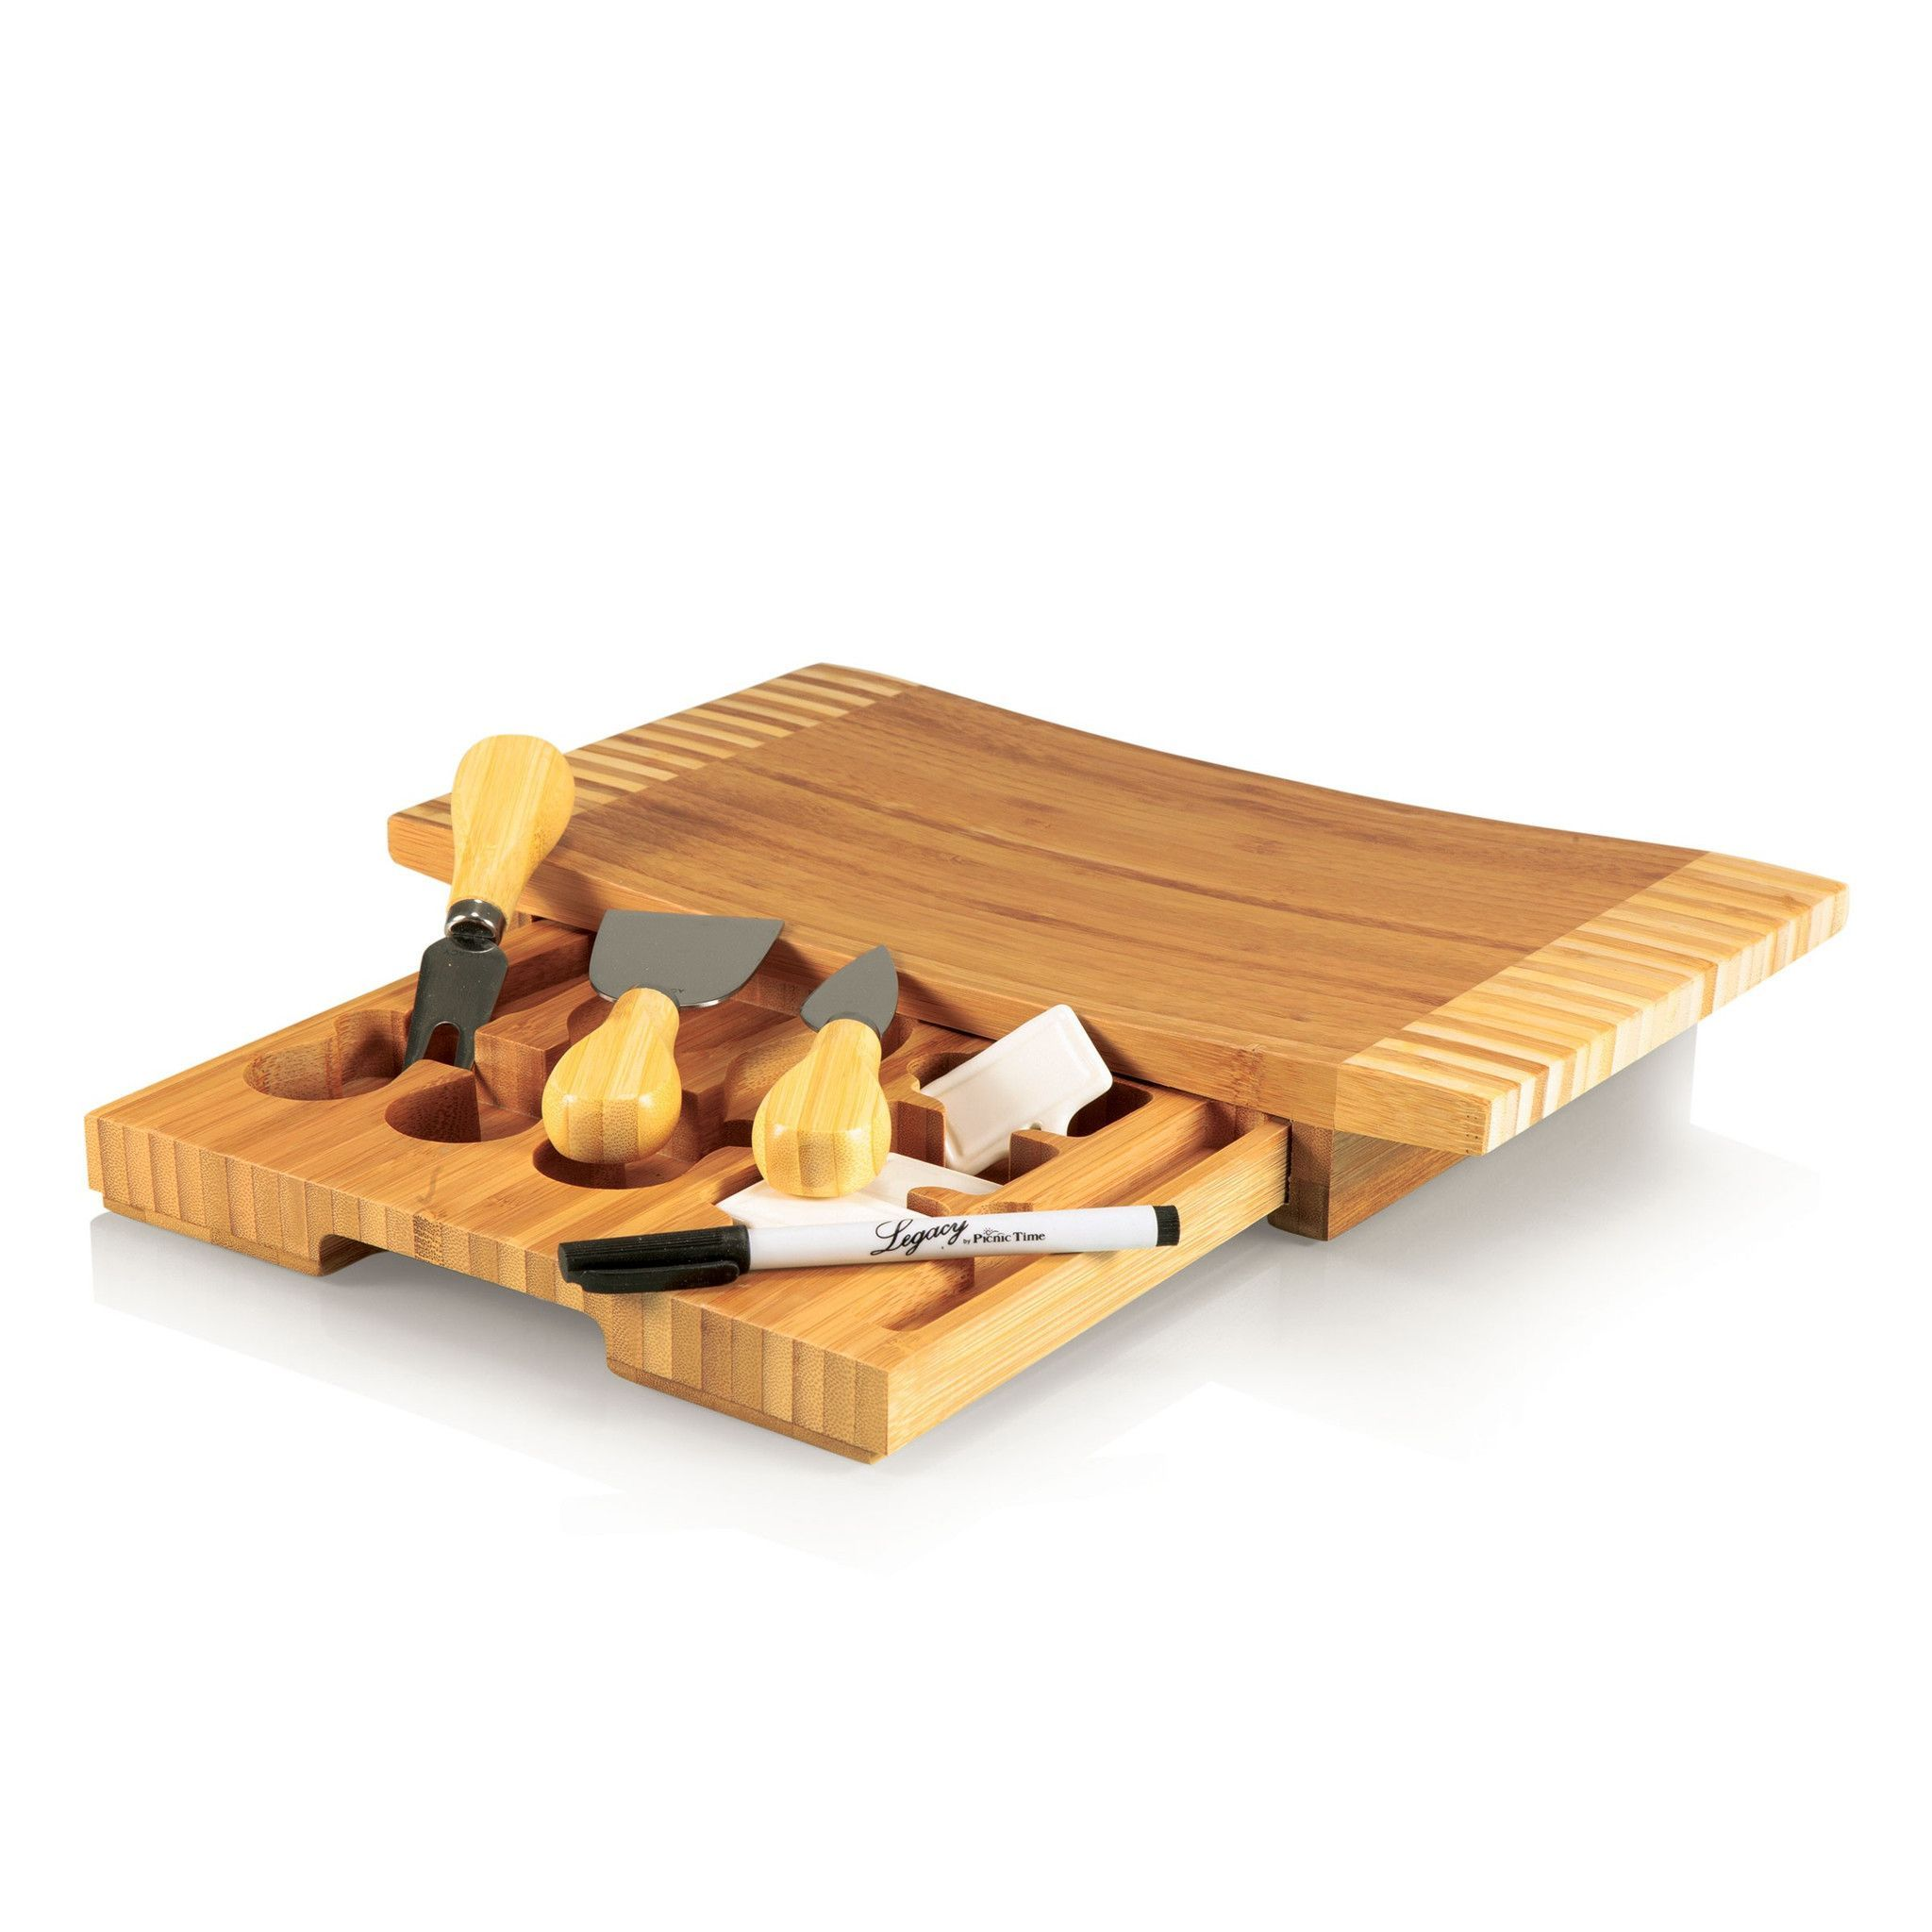 Concavo Cheese Board